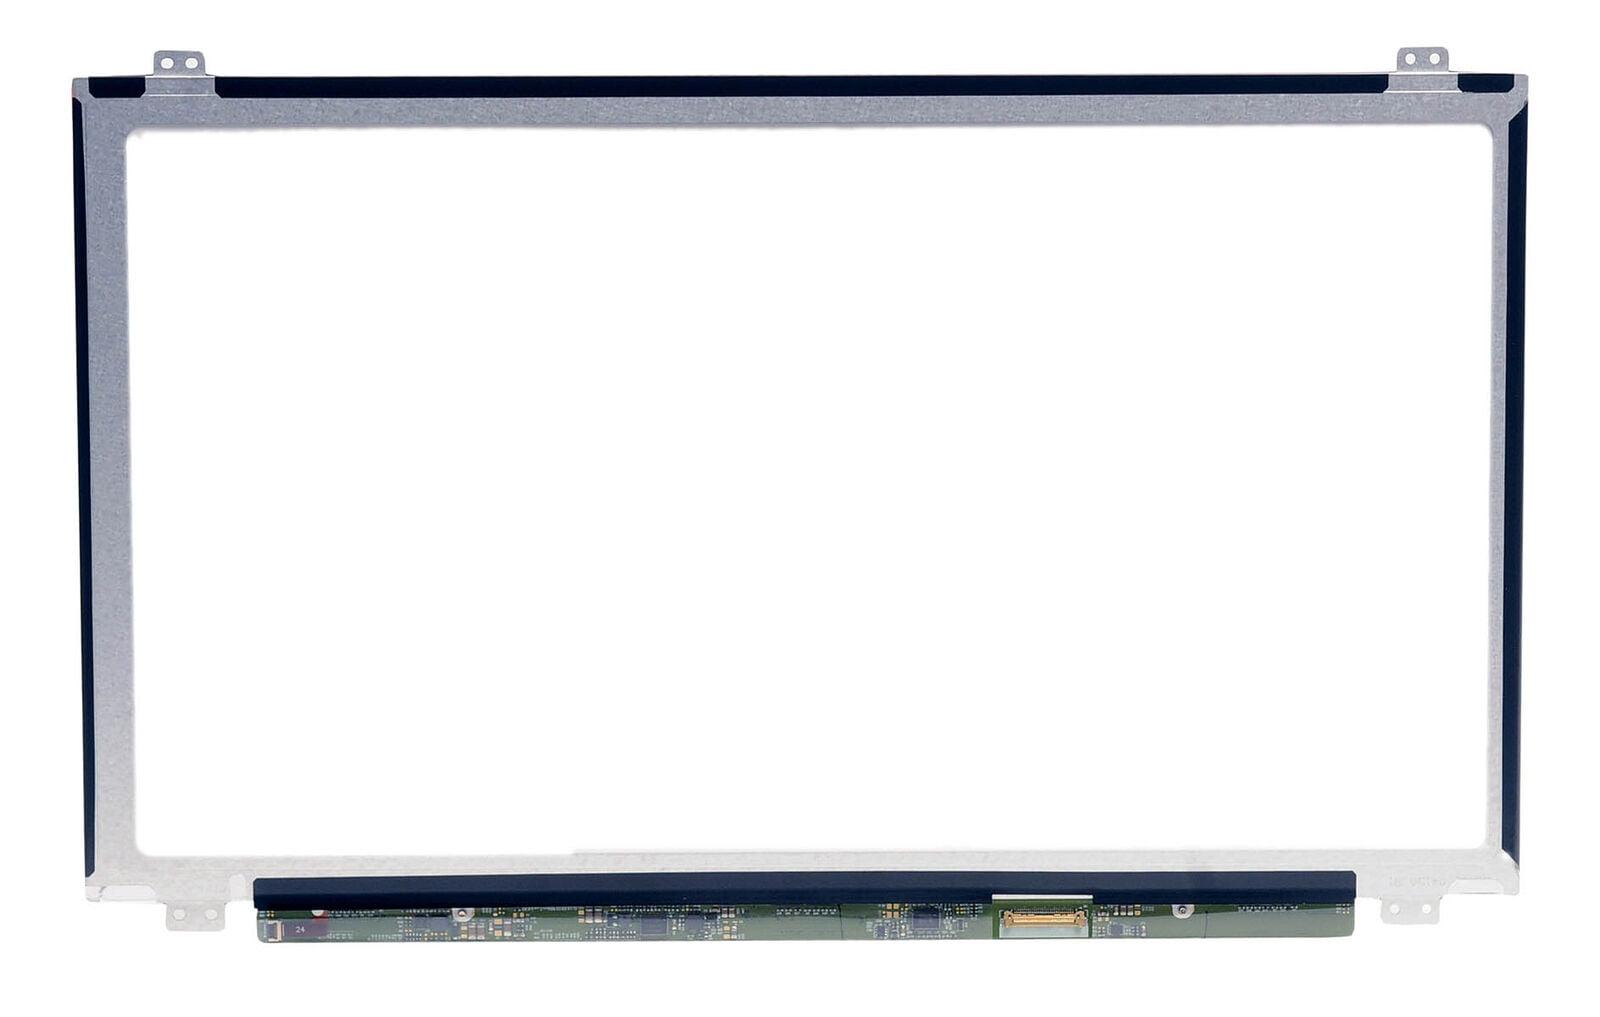 acer aspire e5 523g 90qw 15.6 laptop review